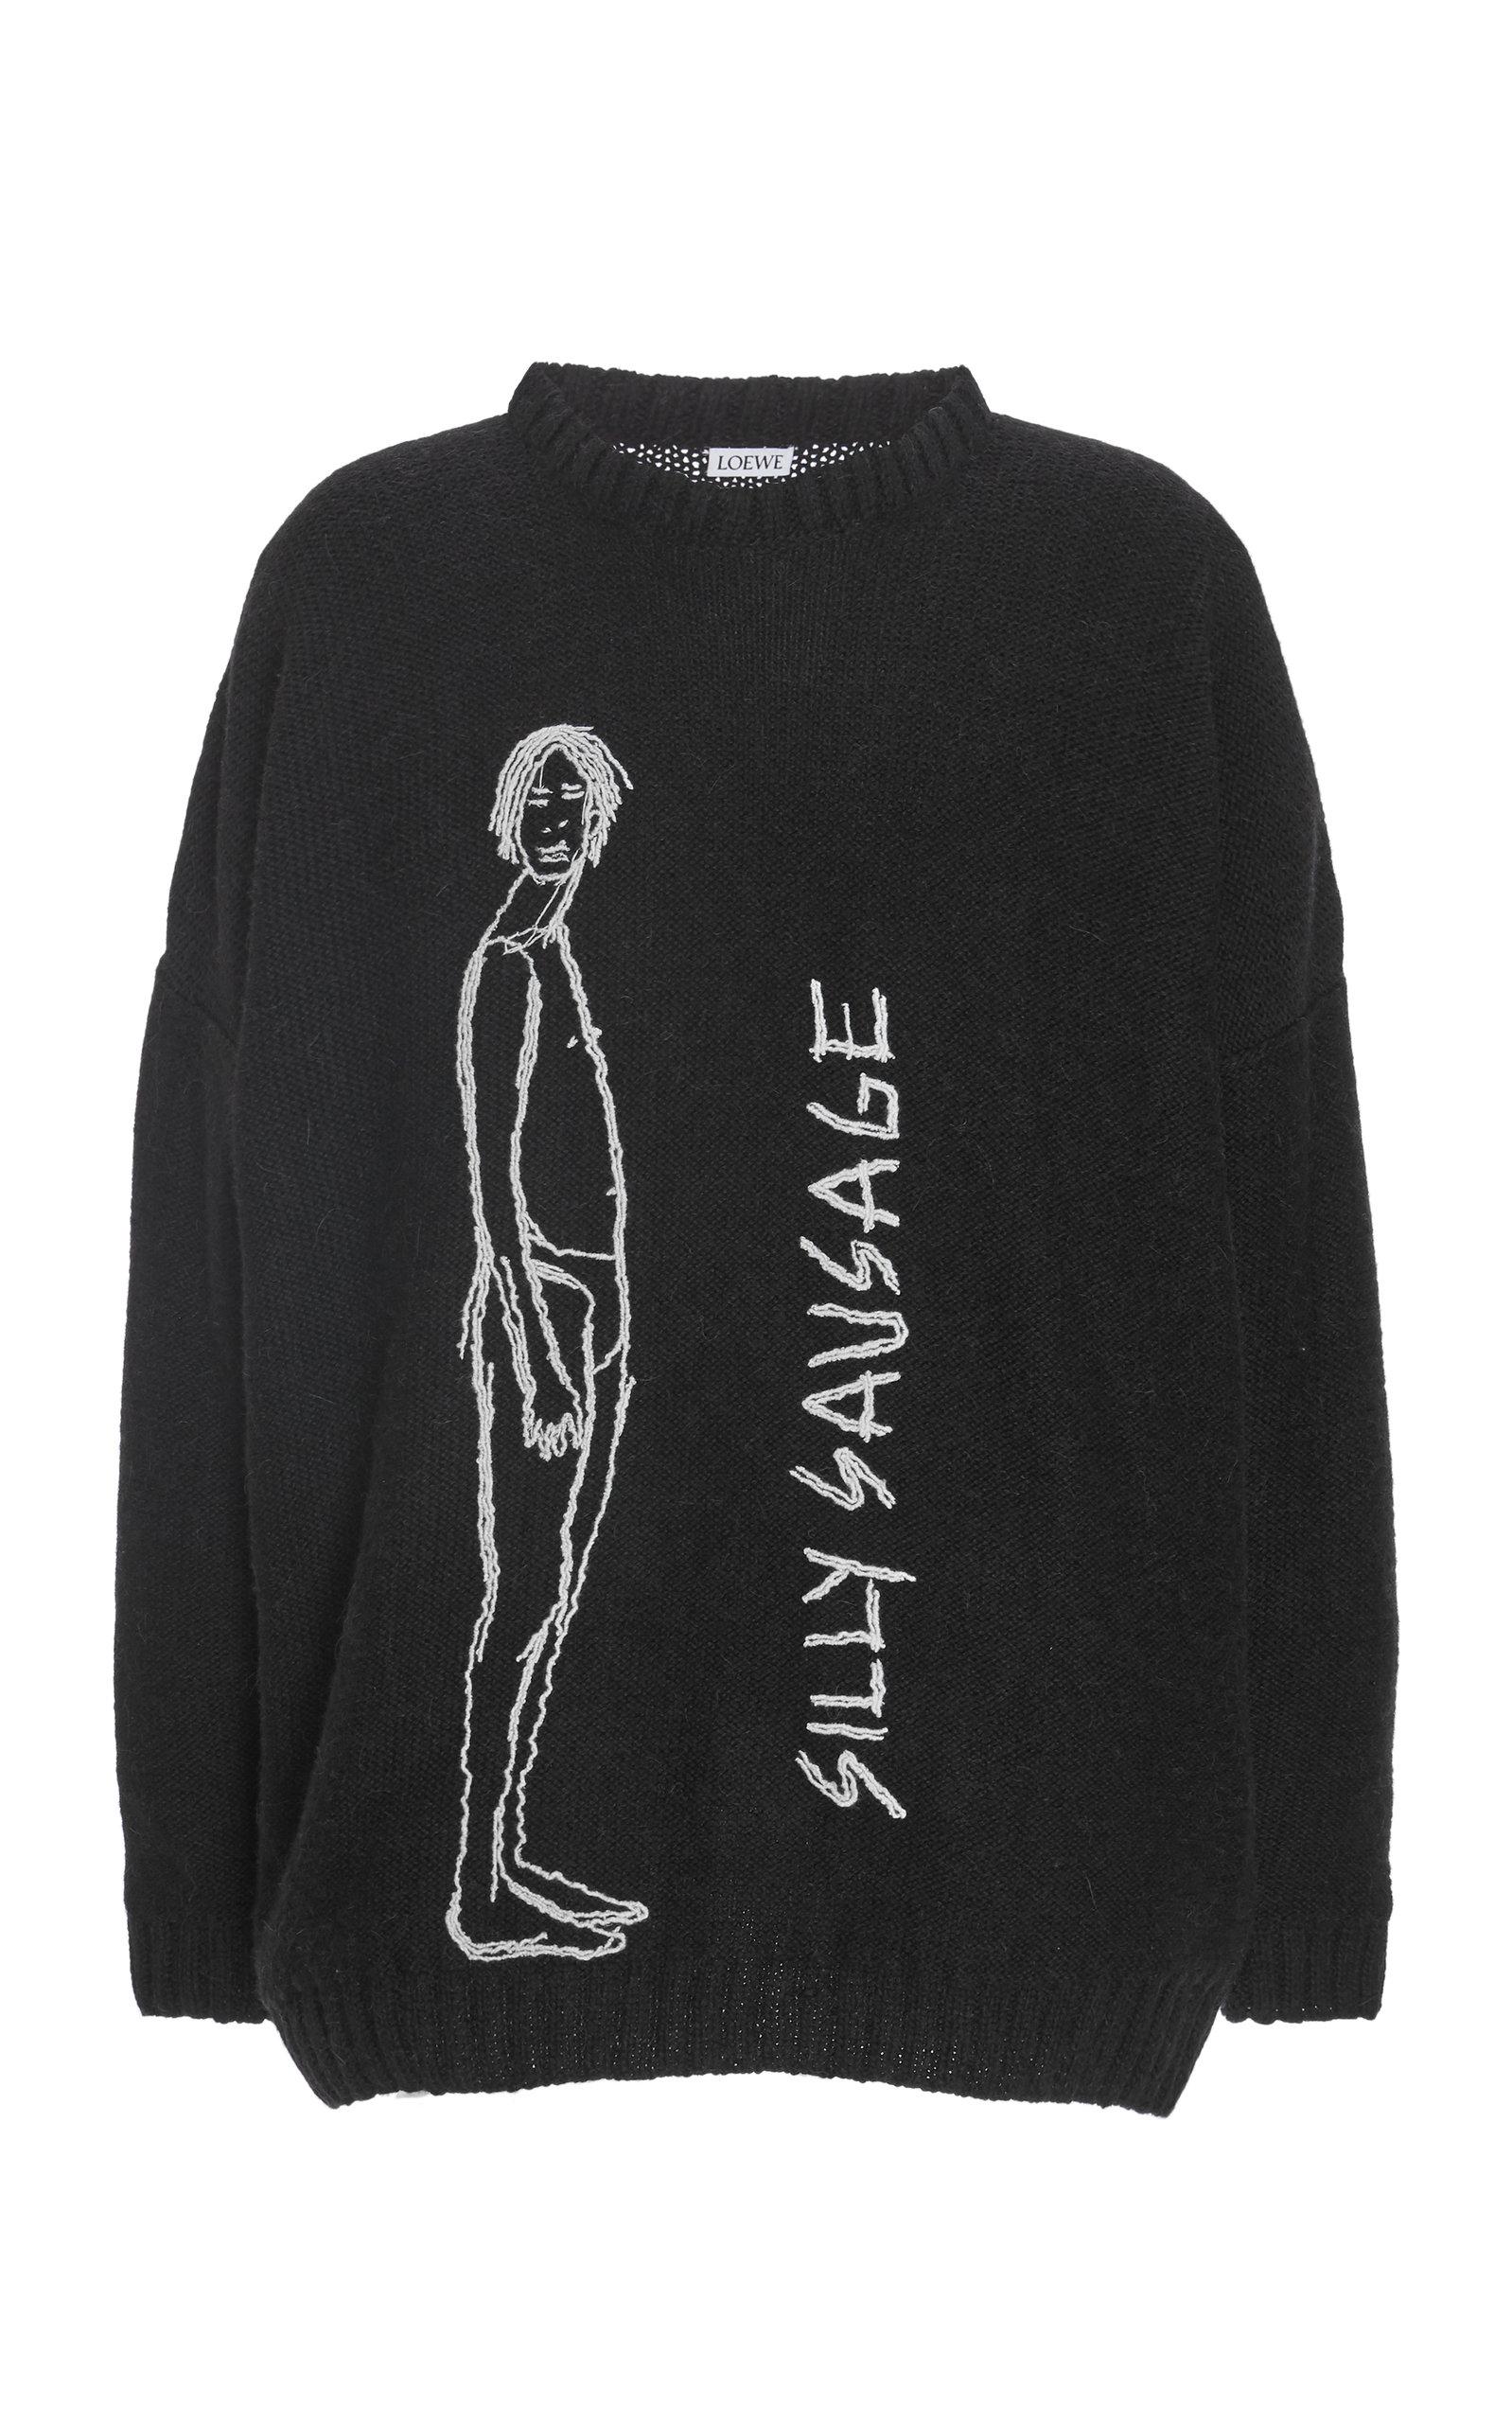 68119e255d Silly Sausage Stitch Sweater by Loewe | Moda Operandi